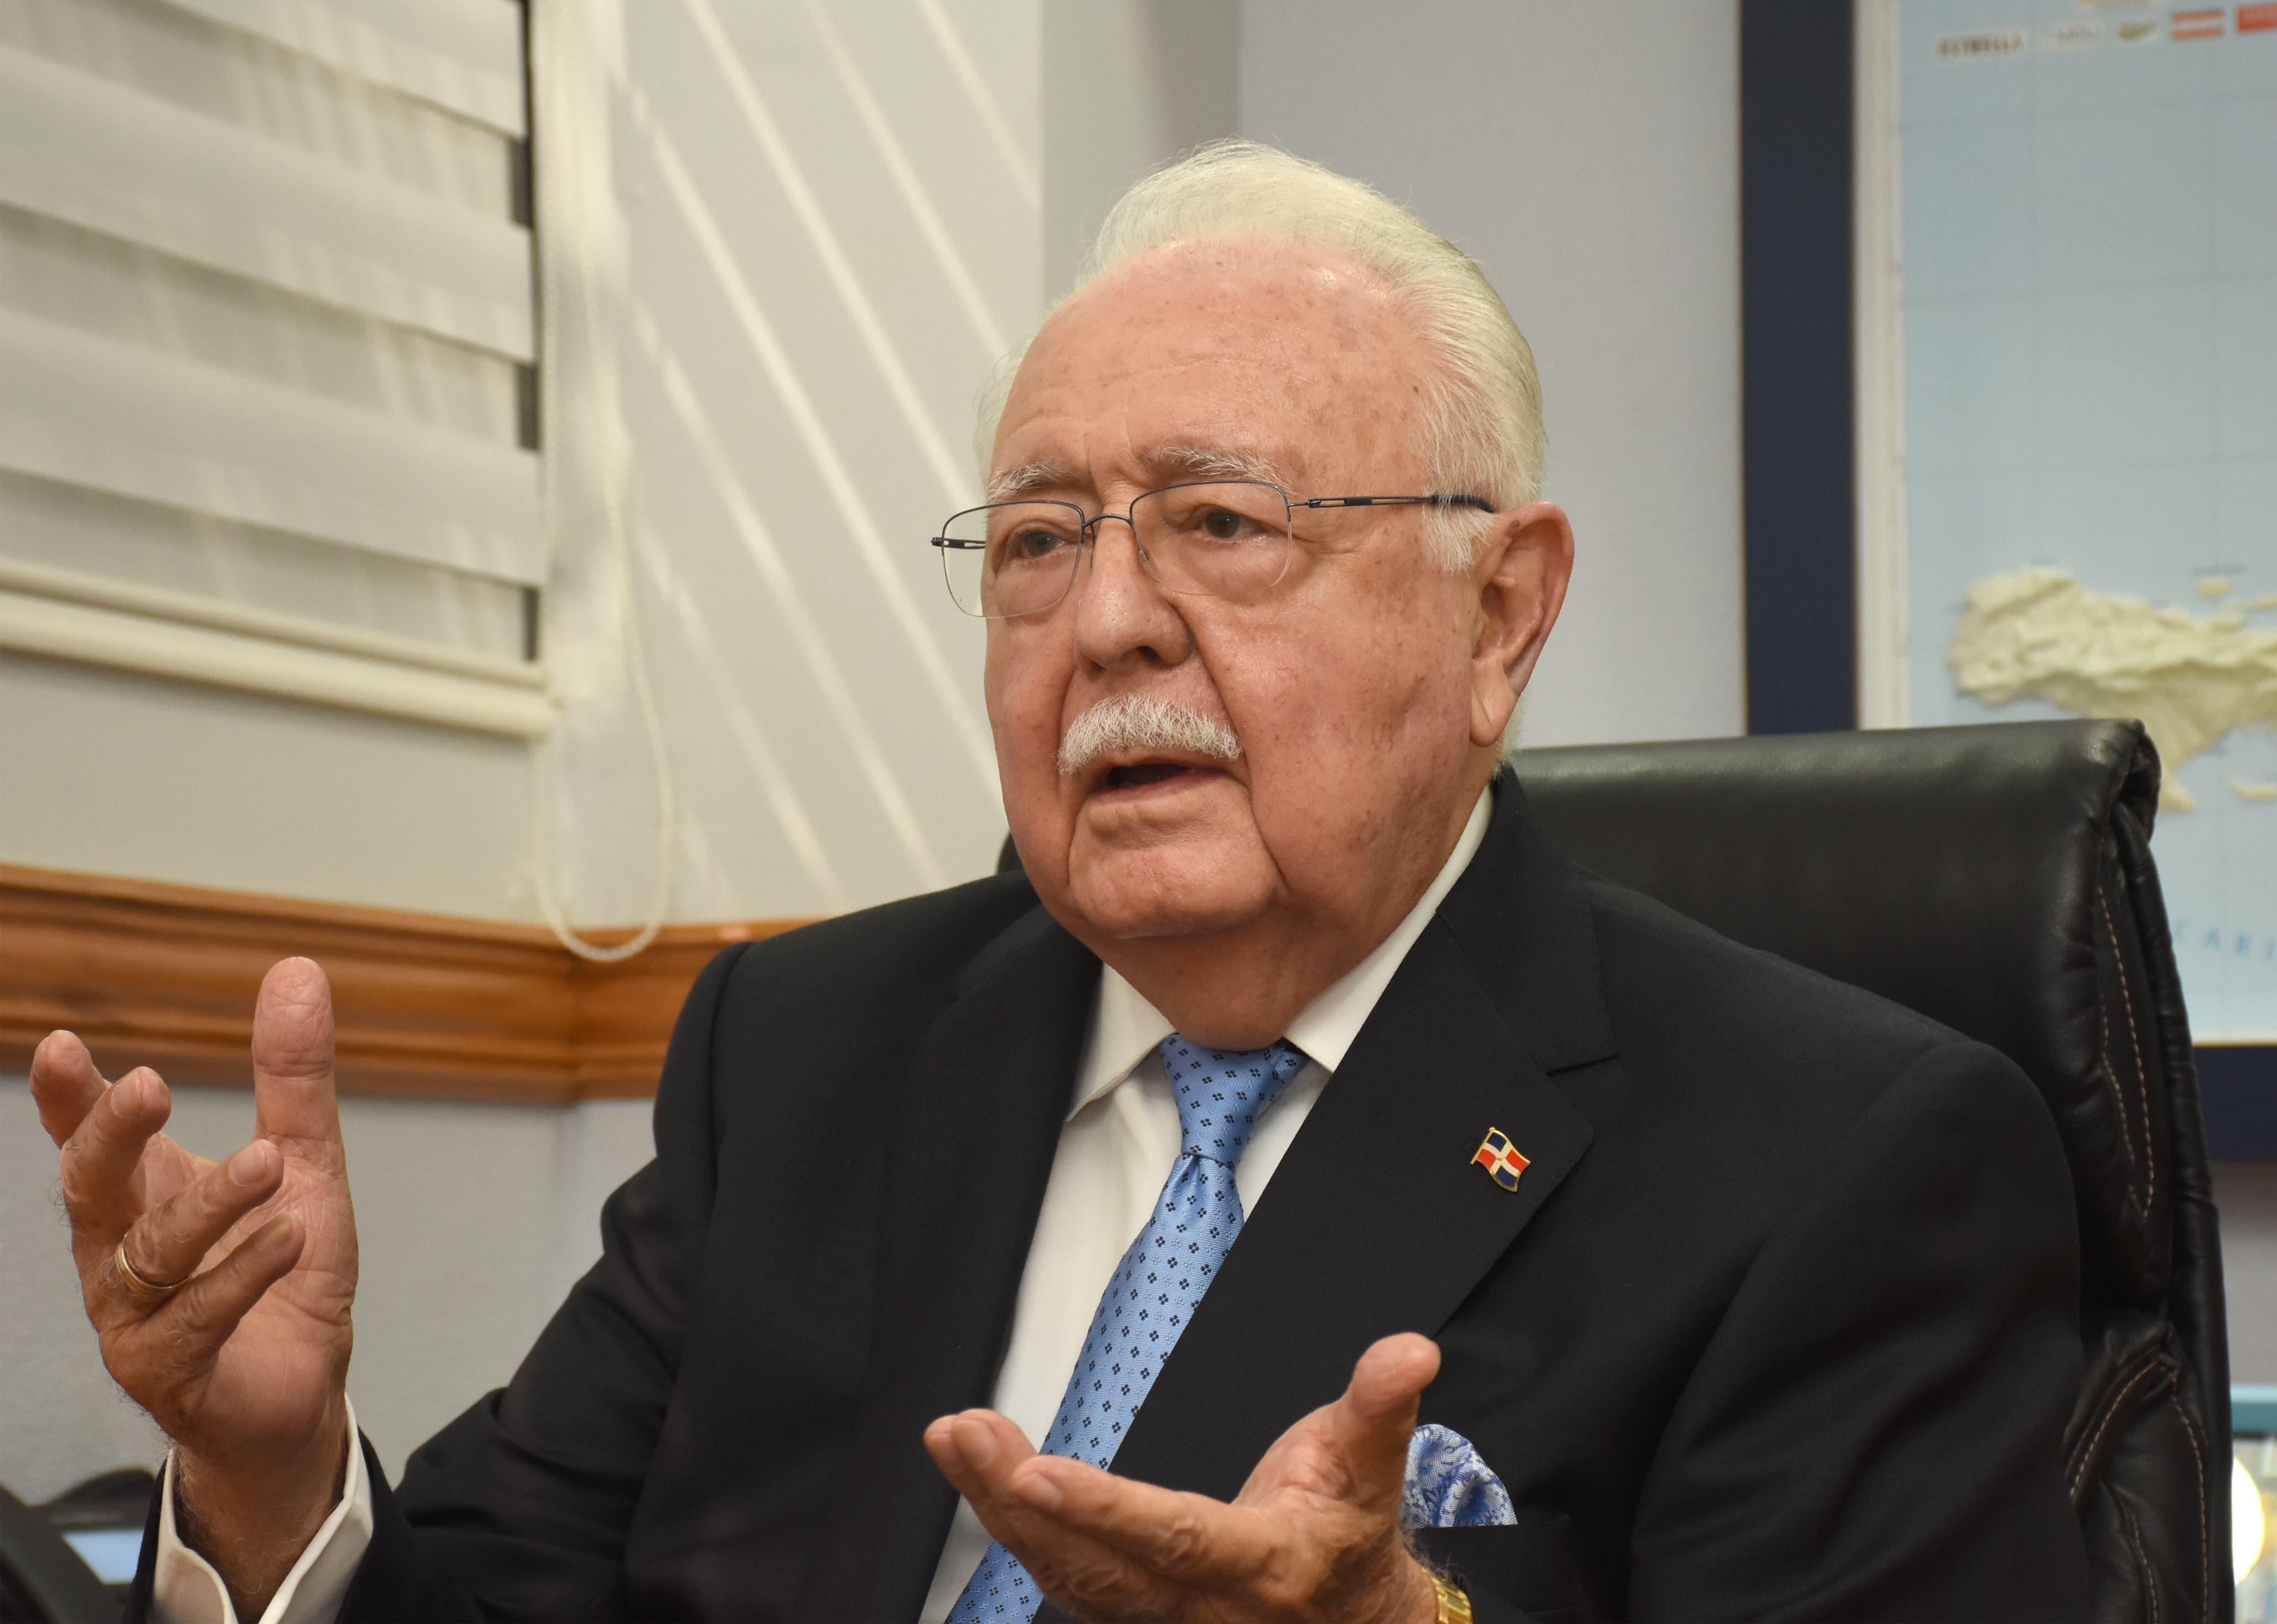 Lo que dice Isa Conde sobre decisión de Barrick Gold de invertir 1000 millones de dólares en RD